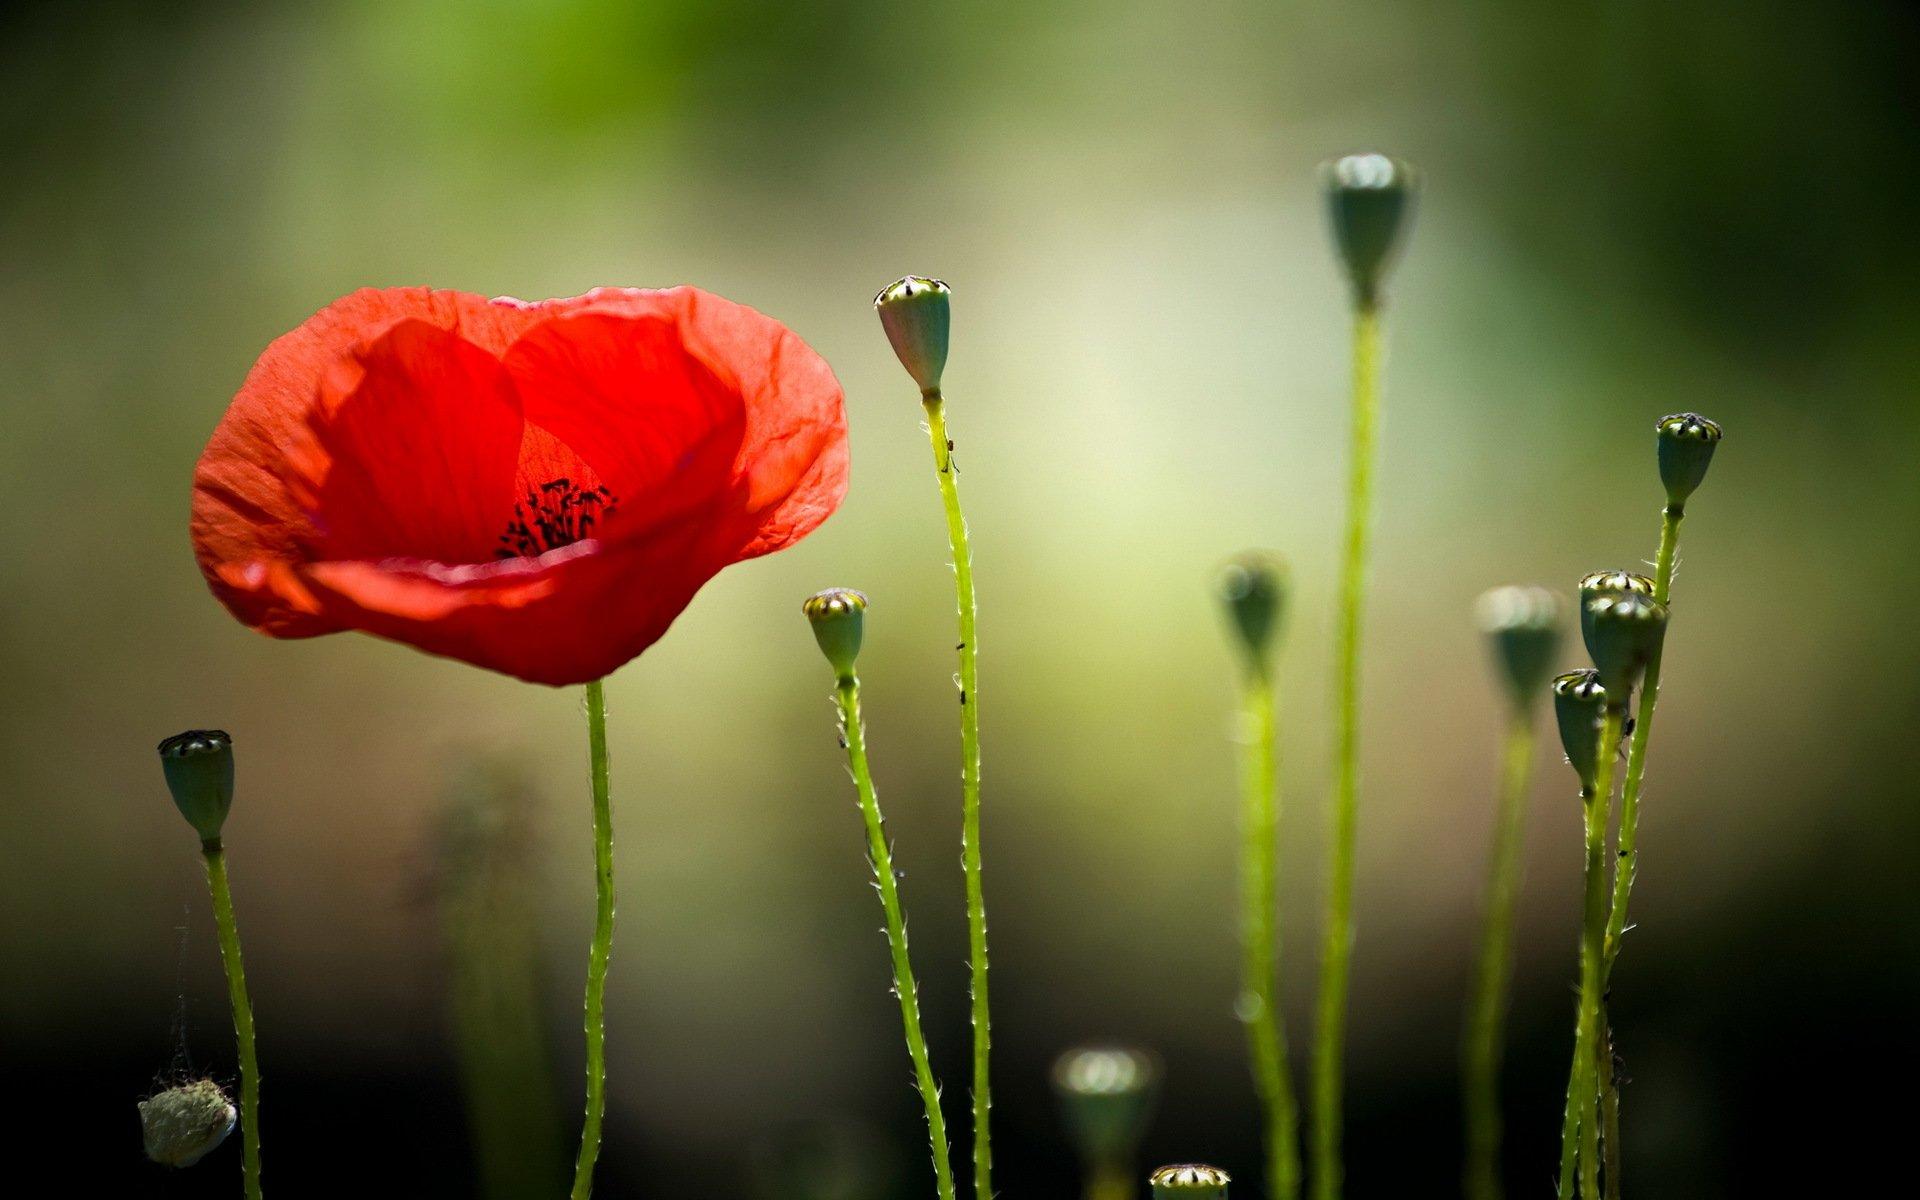 природа красный цветок макро бесплатно